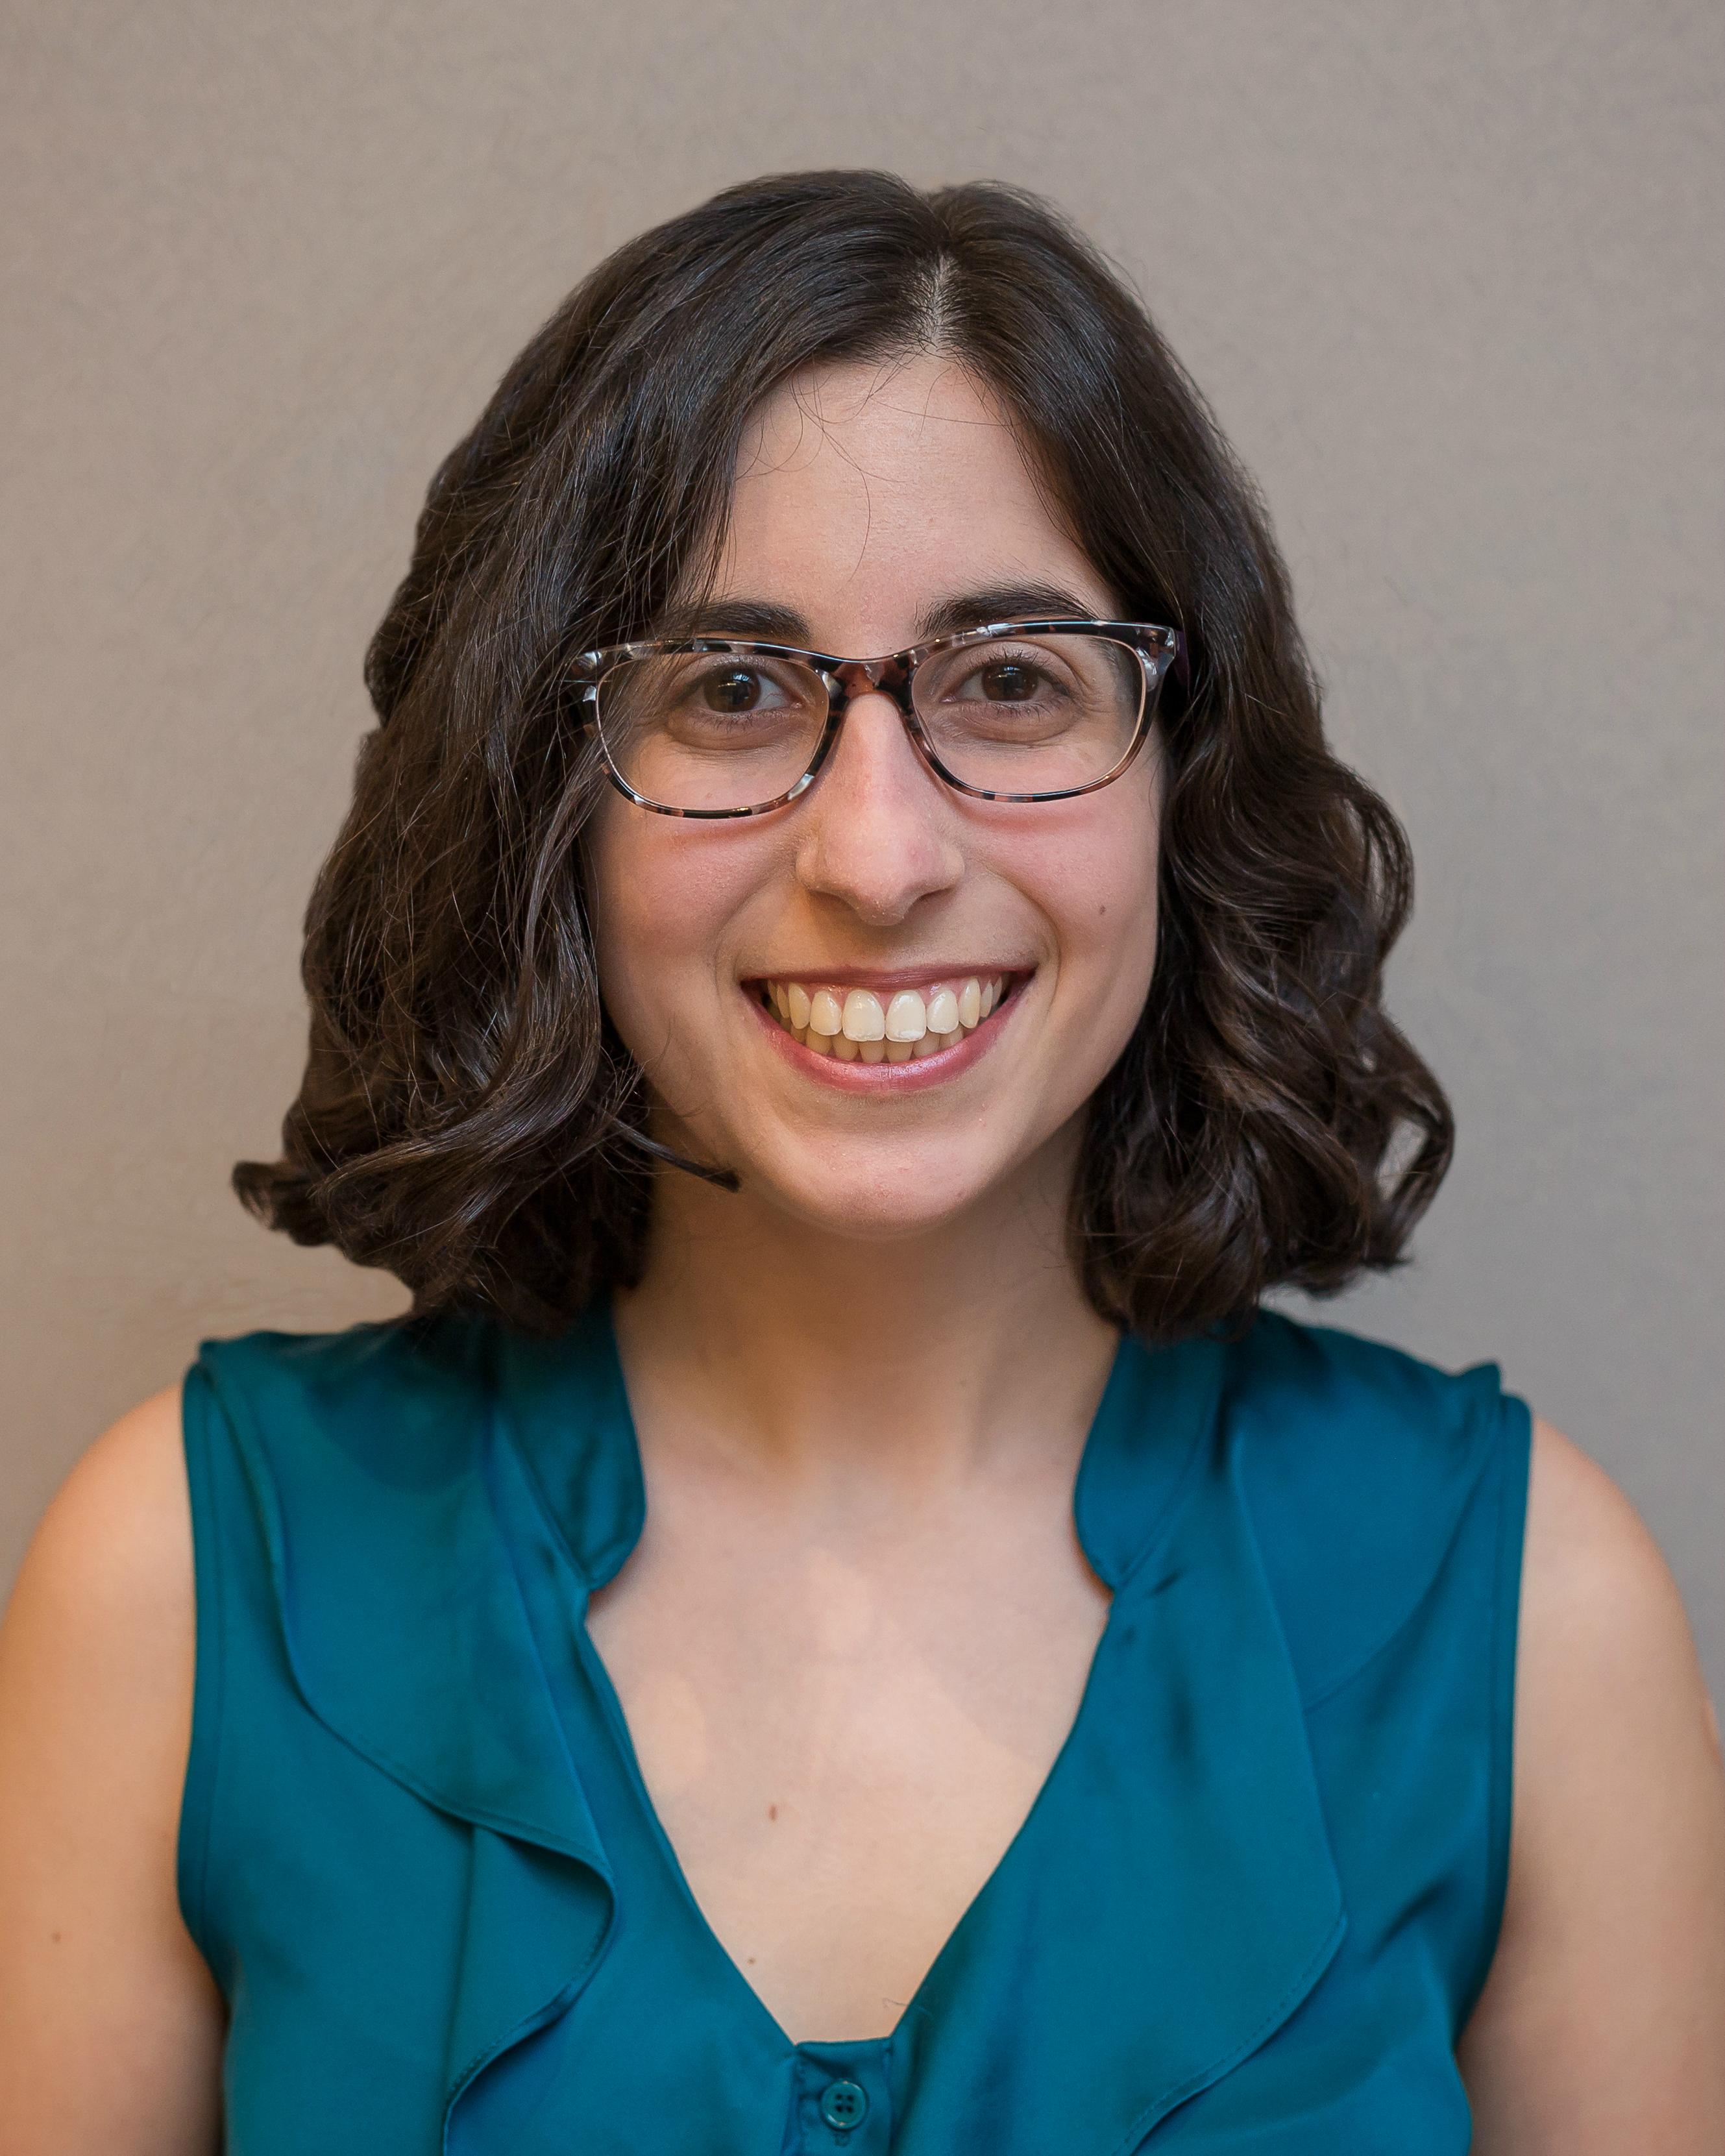 Stephanie Nussbaum